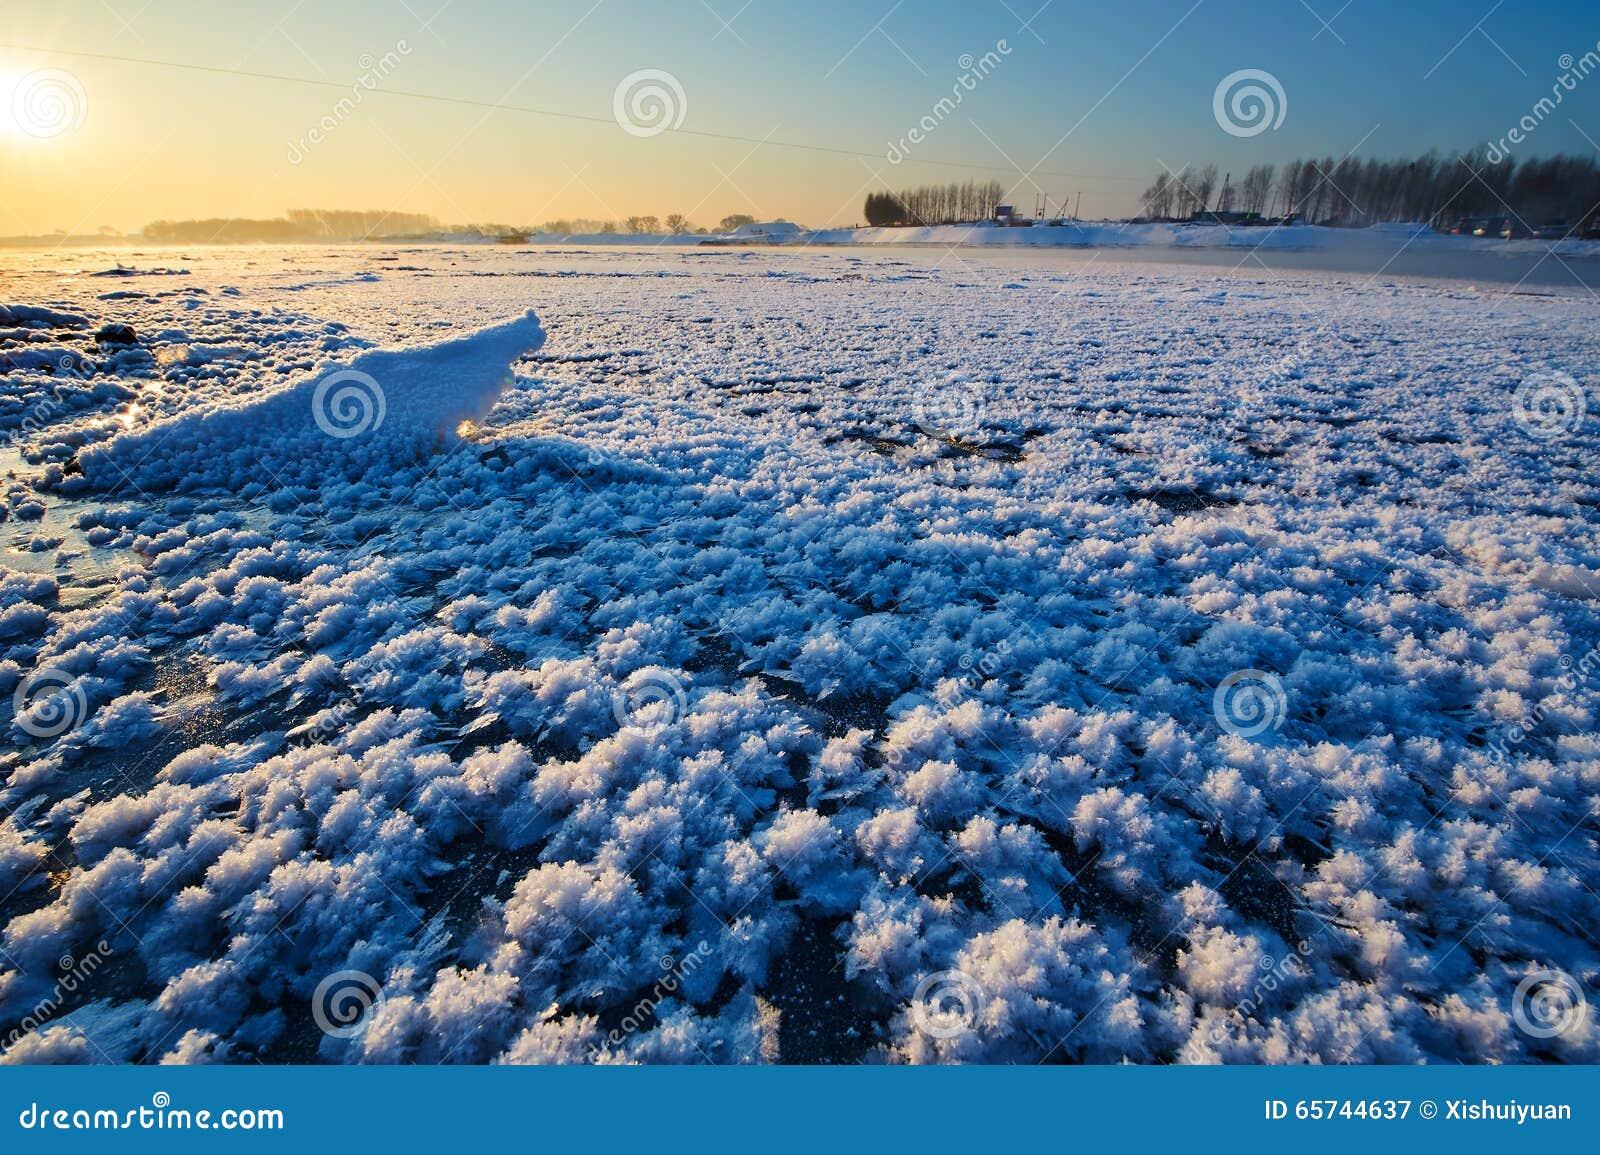 les fleurs de glace en rivière photo stock - image: 65744637